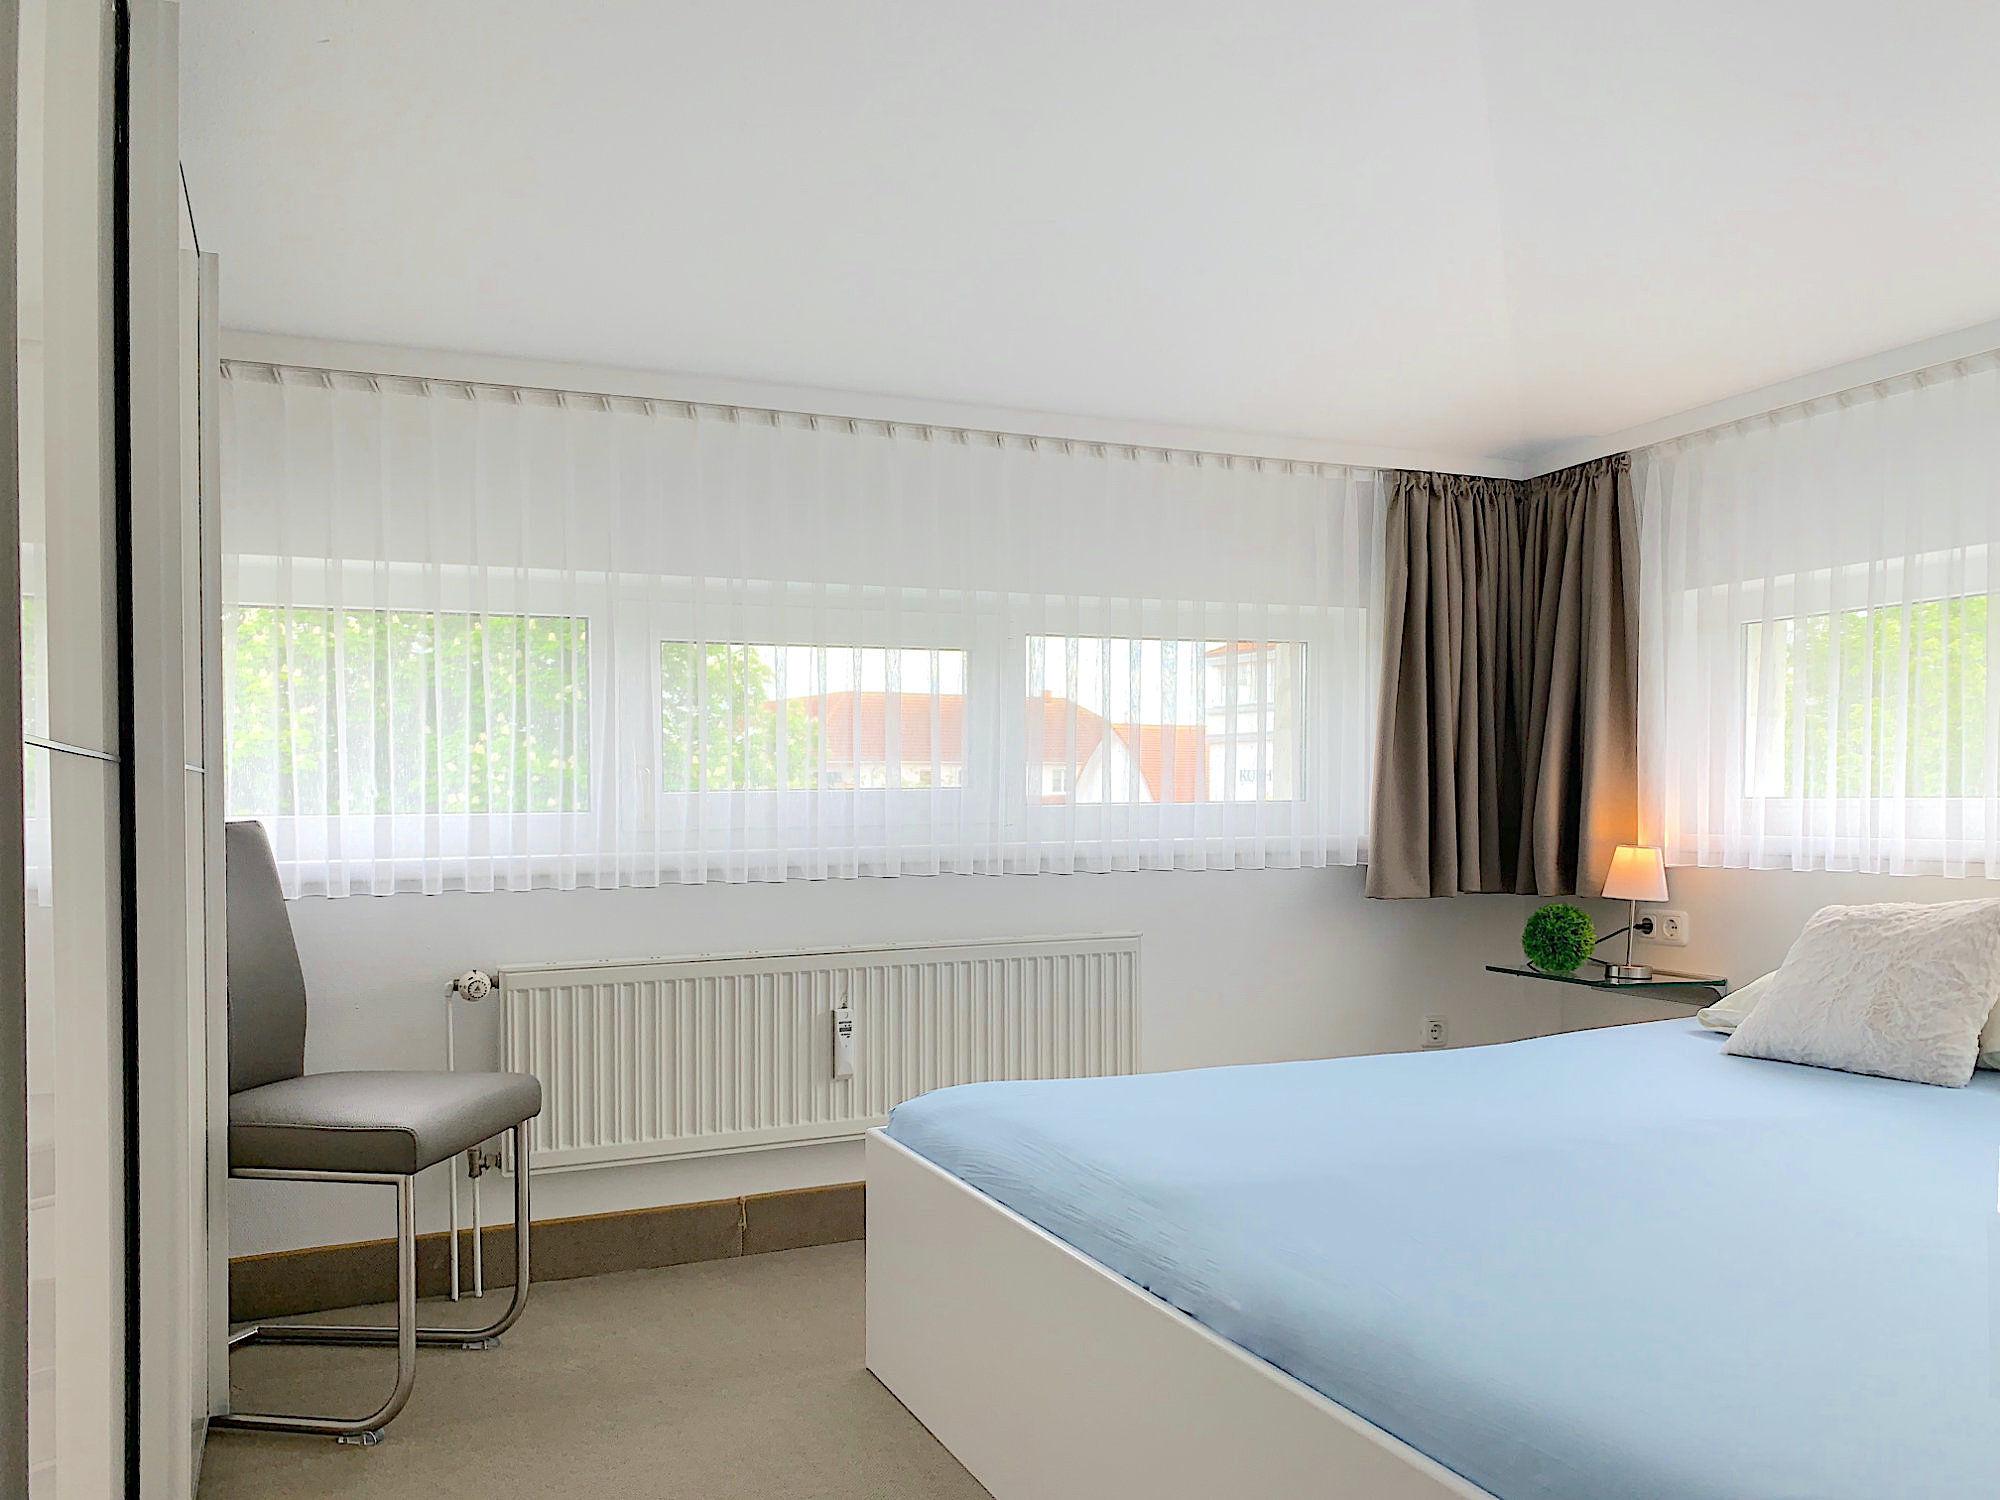 Schlafzimmer mit Doppelbett, an zwei Wänden jeweils 2 Fenster, links befindet sich ein großer Kleiderschrank